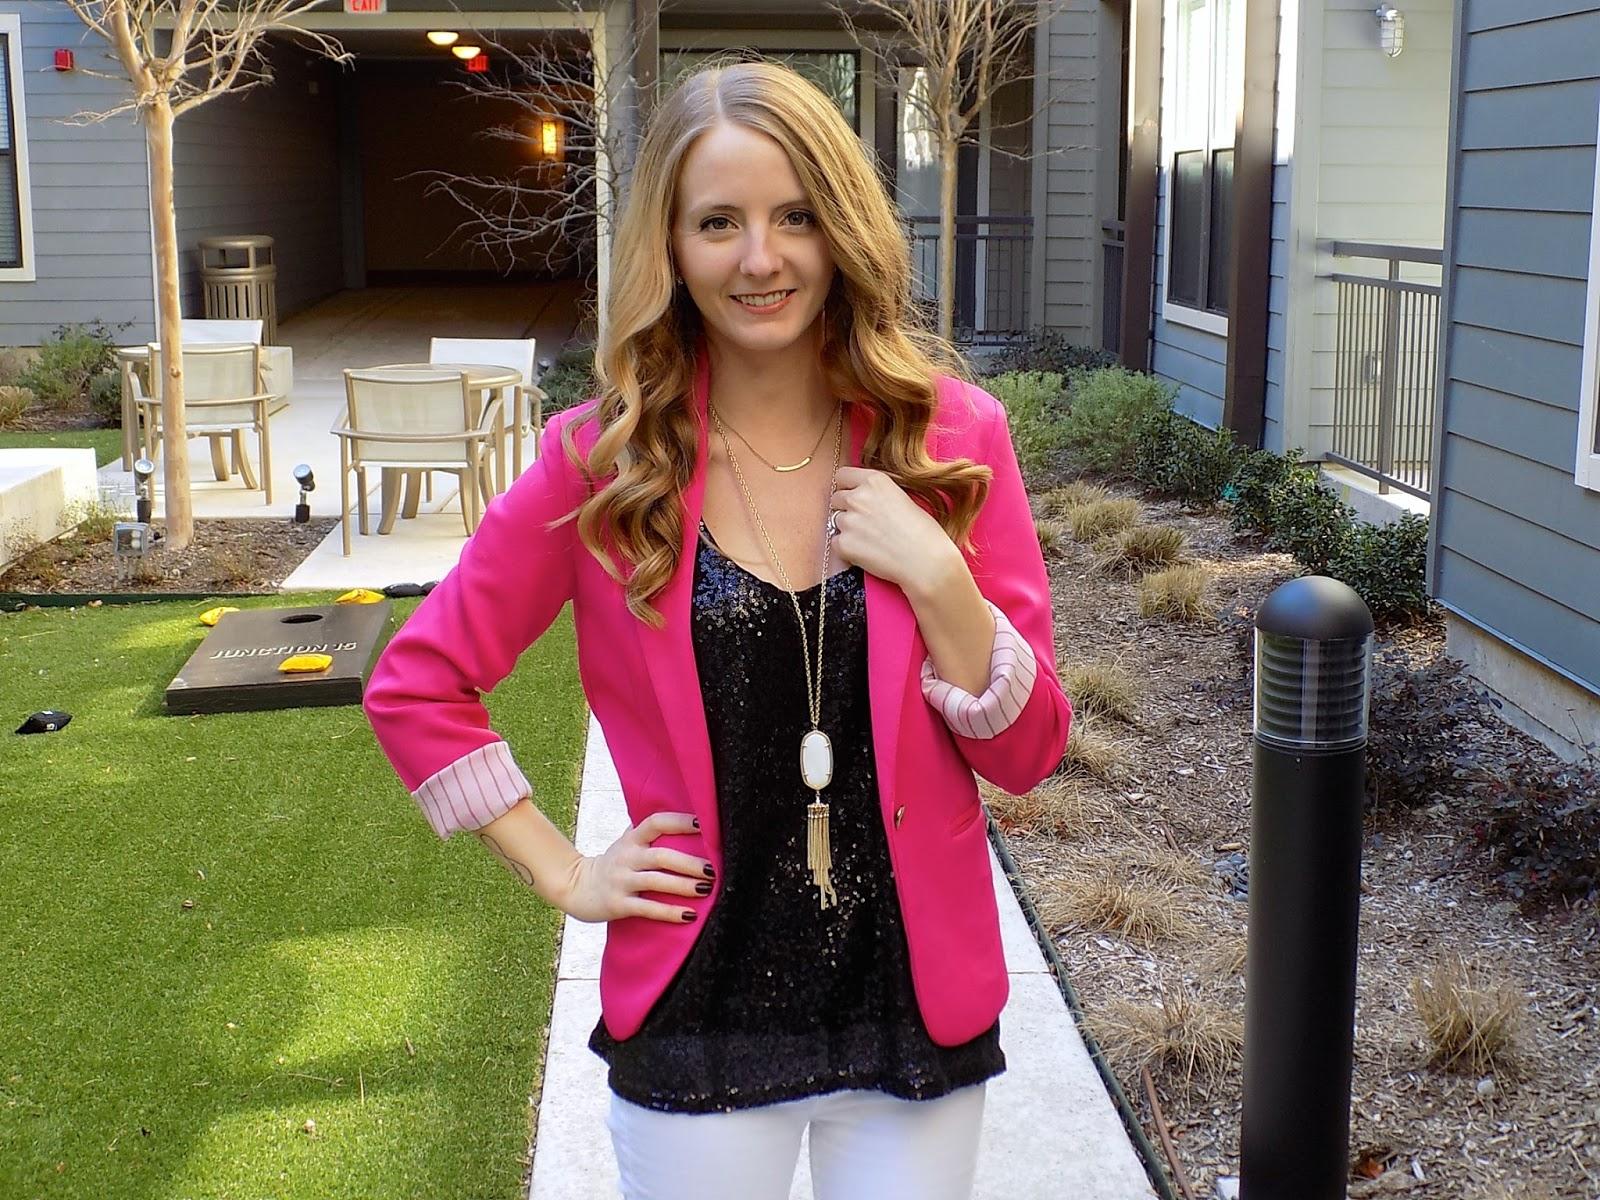 e9014ec43 Dallas Fashion and Lifestyle Blog